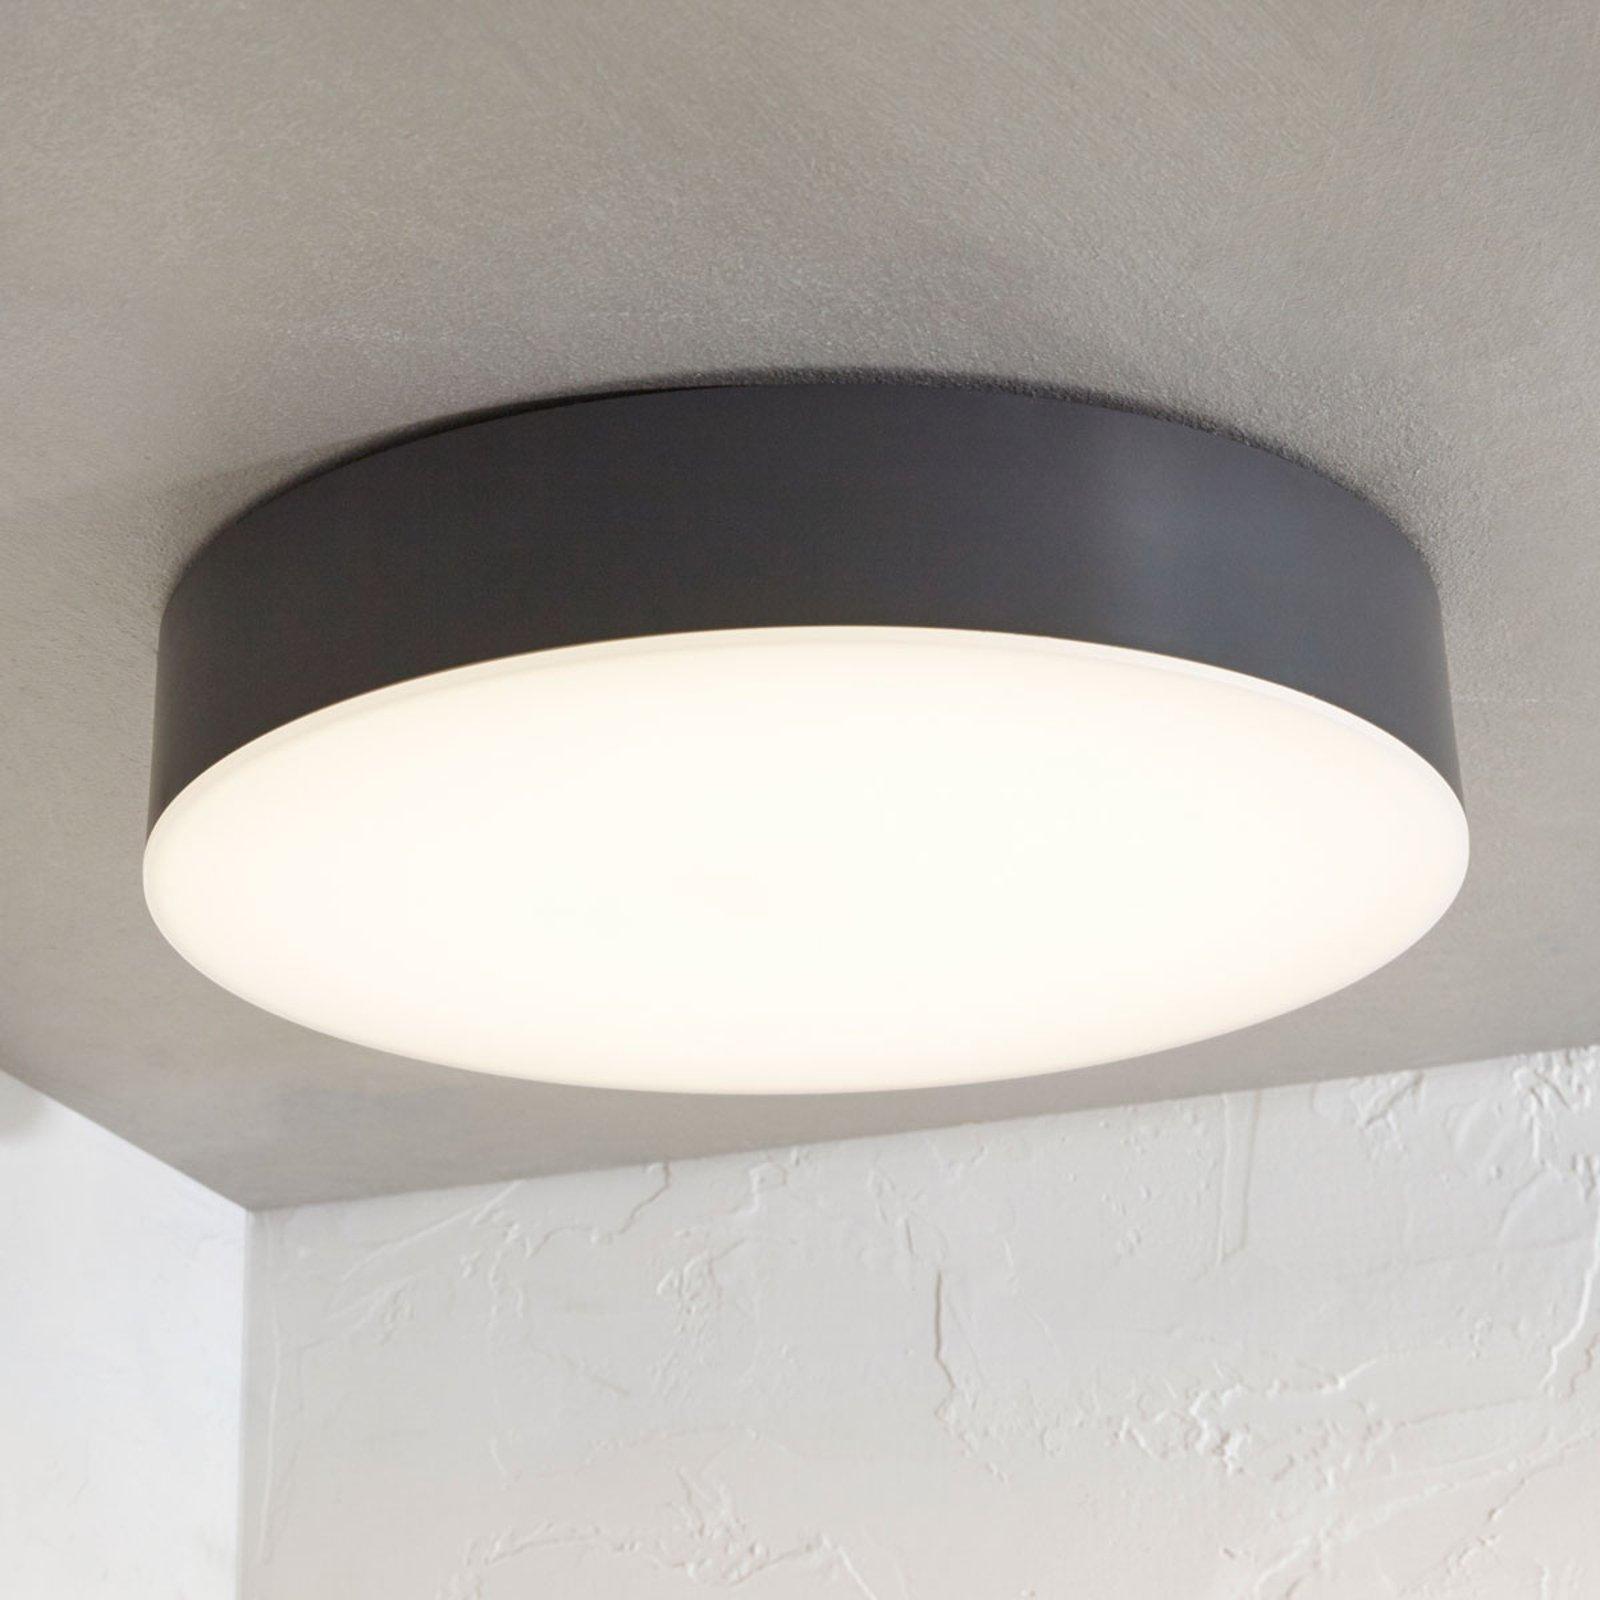 Utendørs LED-taklampe Lahja, IP65 mørkegrå